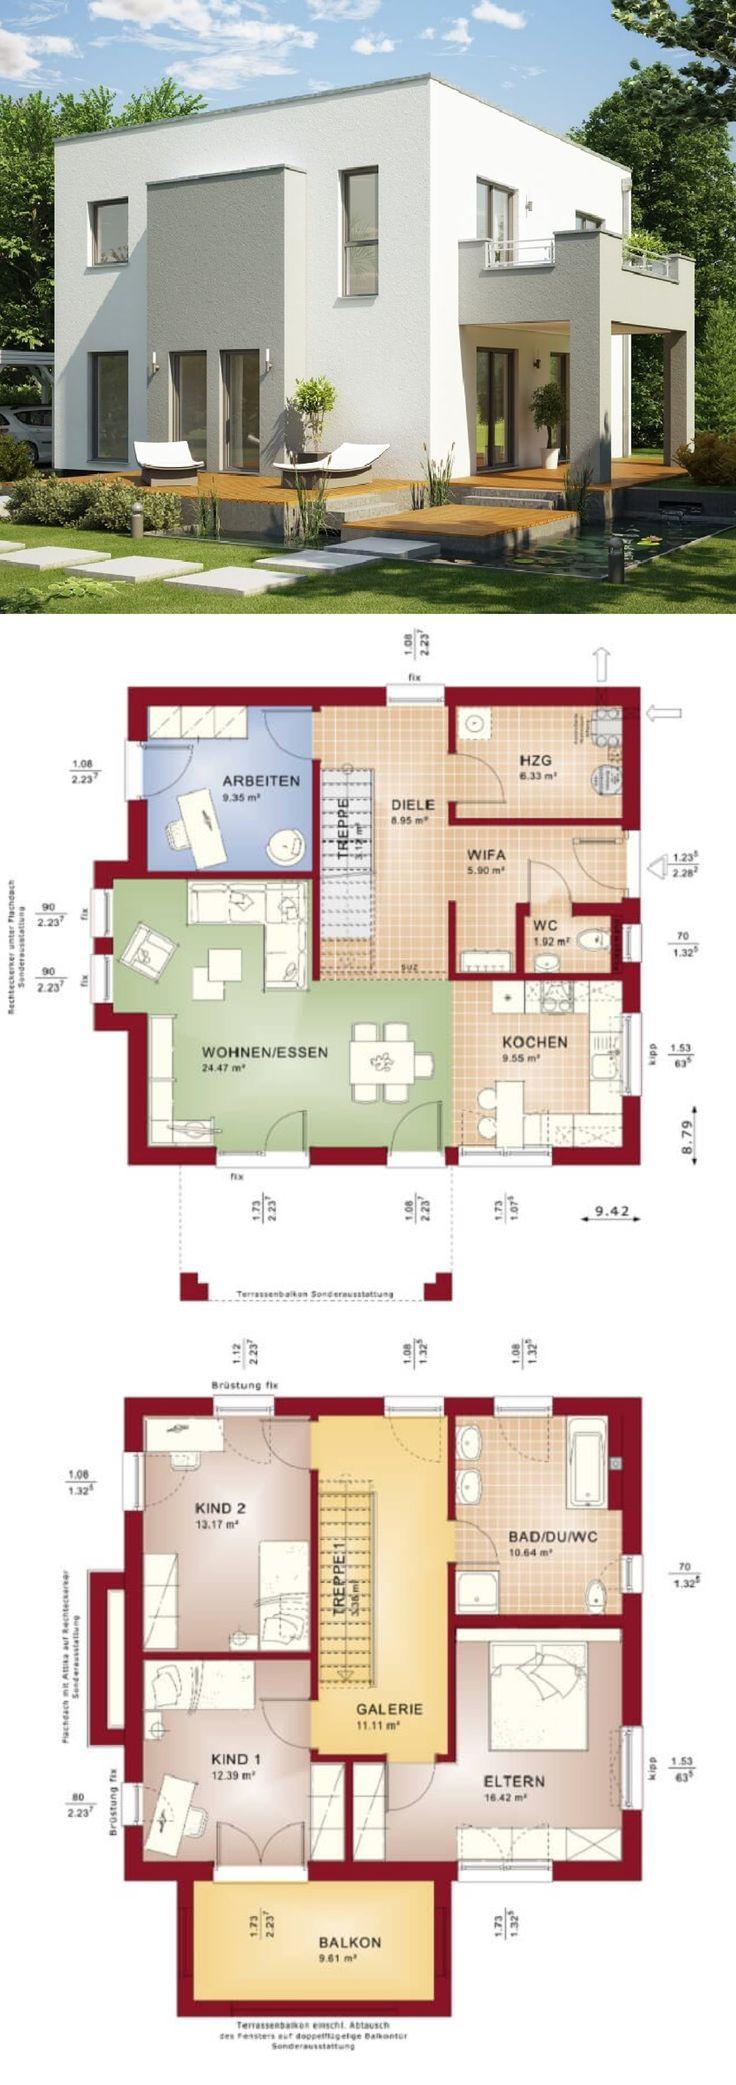 Einfamilienhaus Modern Mit Galerie U0026 Flachdach Architektur Im Bauhausstil    Haus Bauen Grundriss Fertighaus Evolution 136